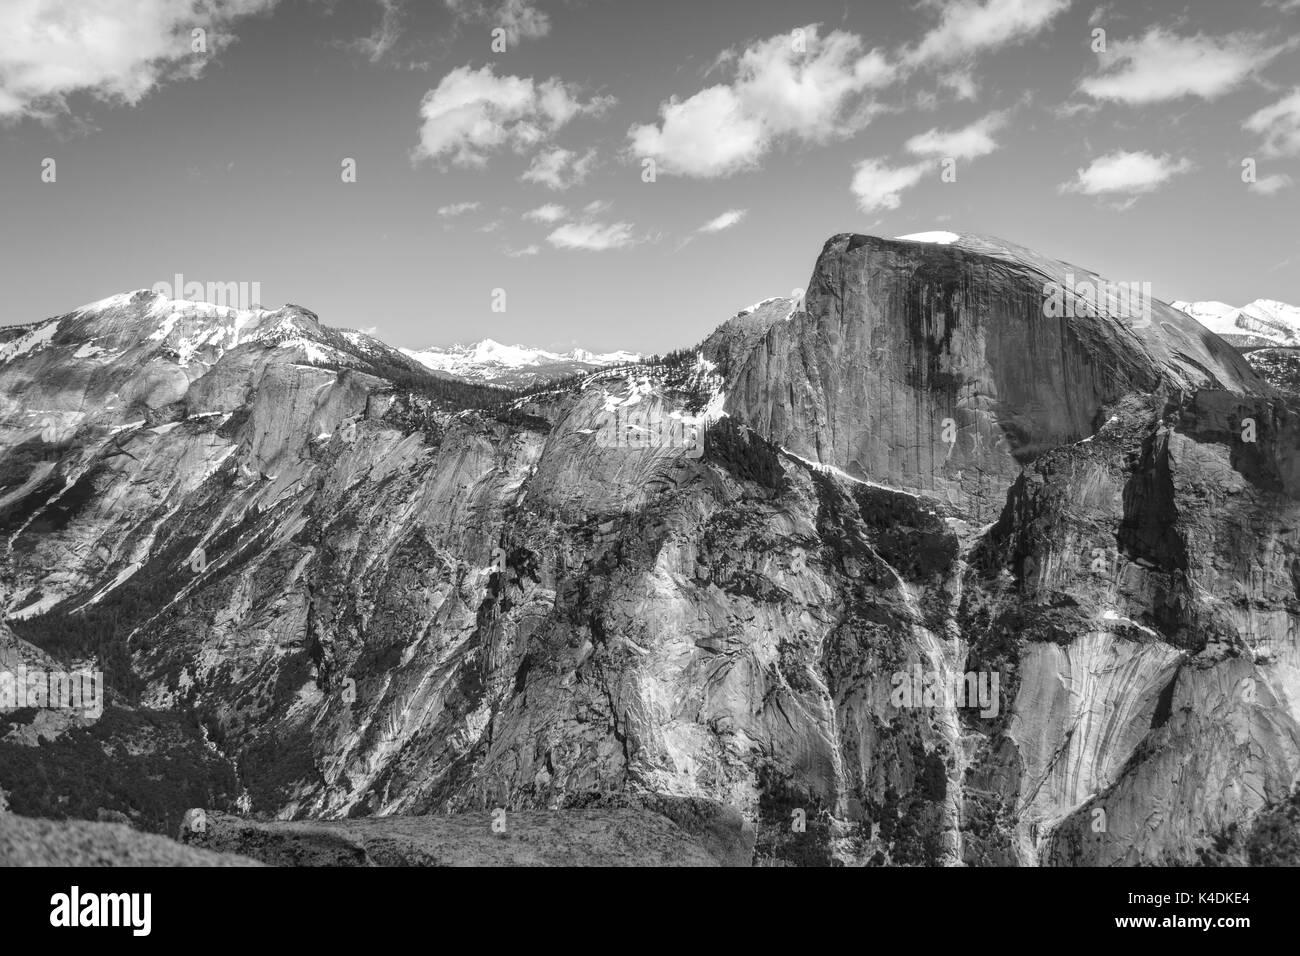 Le noir et blanc vue de demi-dôme et des montagnes enneigées du haut du dôme du Nord dans le Parc National de Yosemite - Photographie par Paul Toillion Banque D'Images